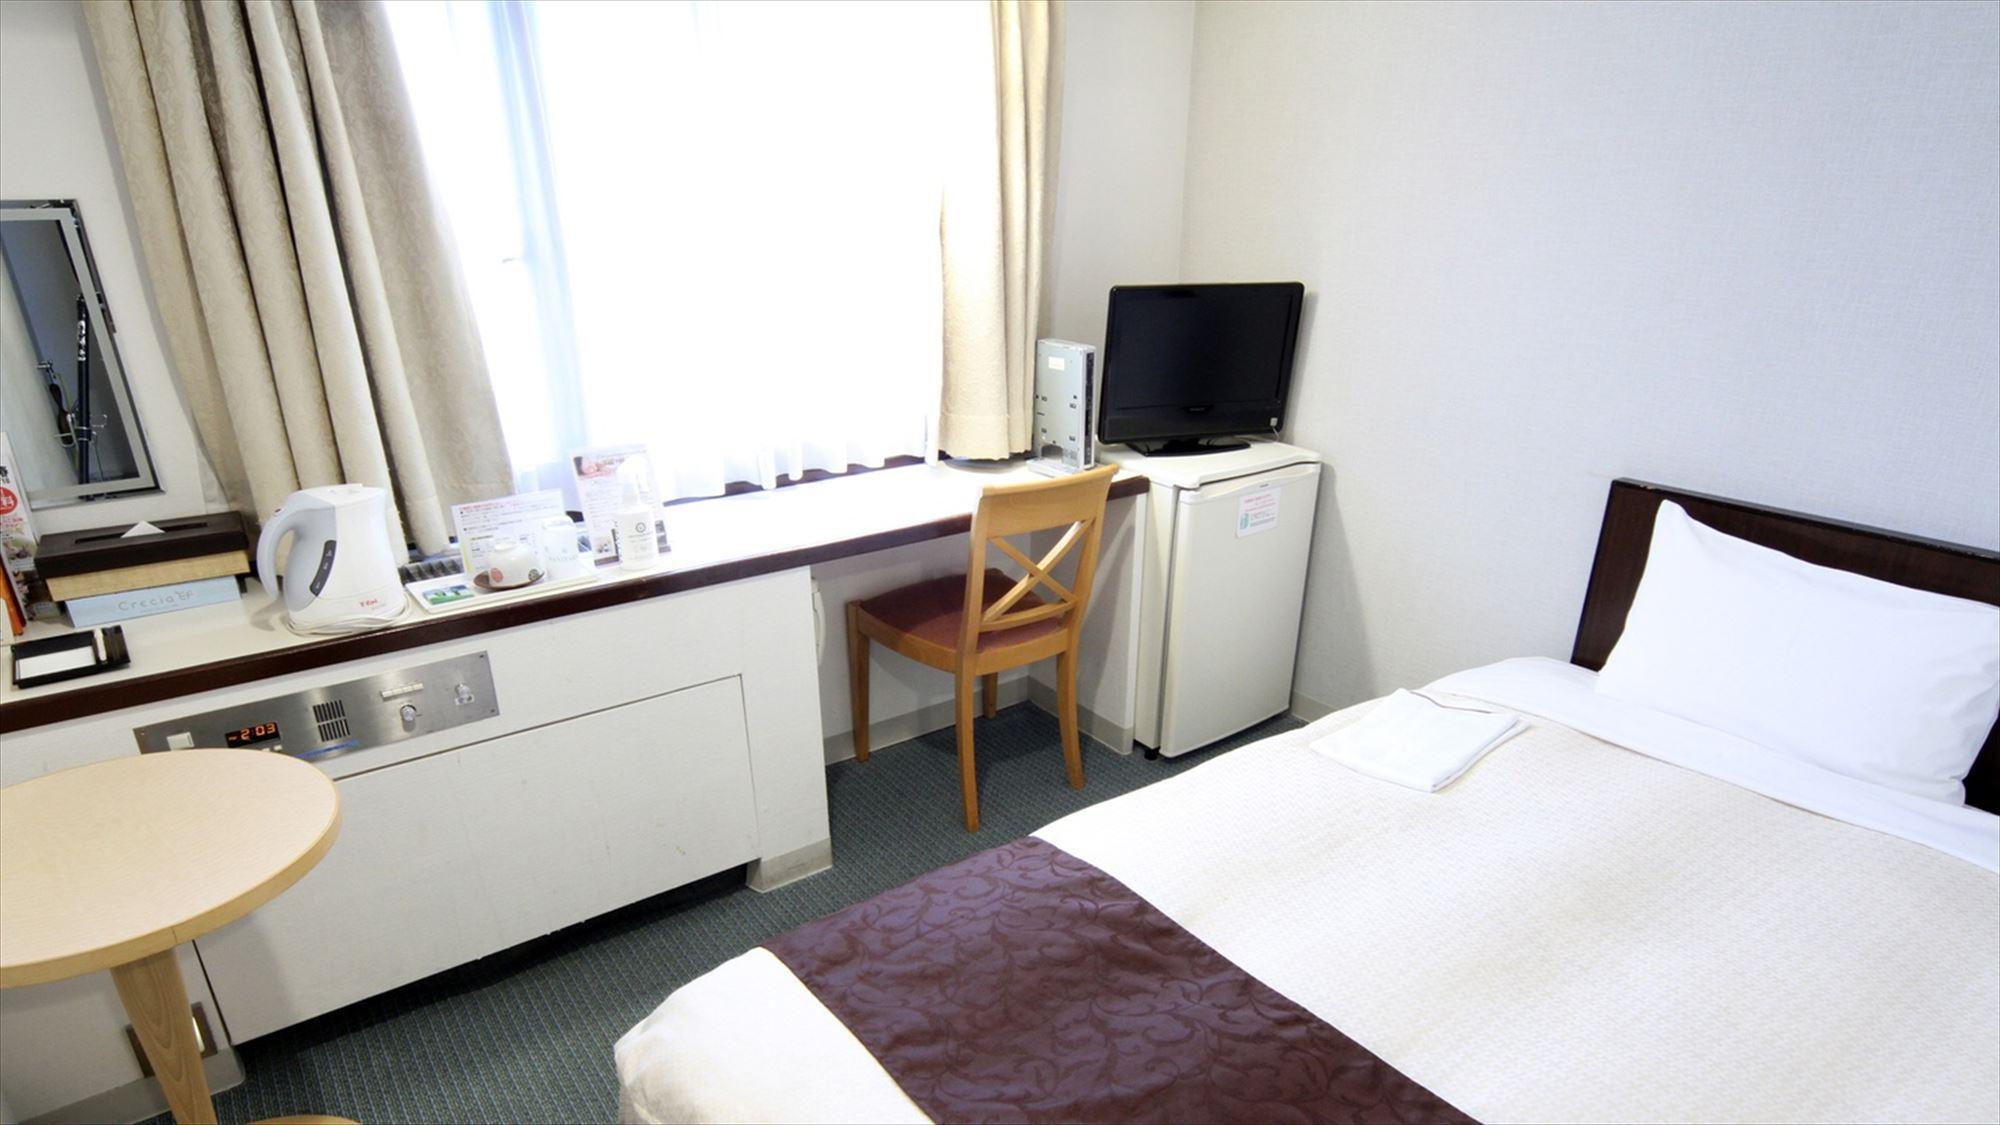 シングルルーム(スタンダード) 広さ14〜16m2、ベッド幅100〜110cm